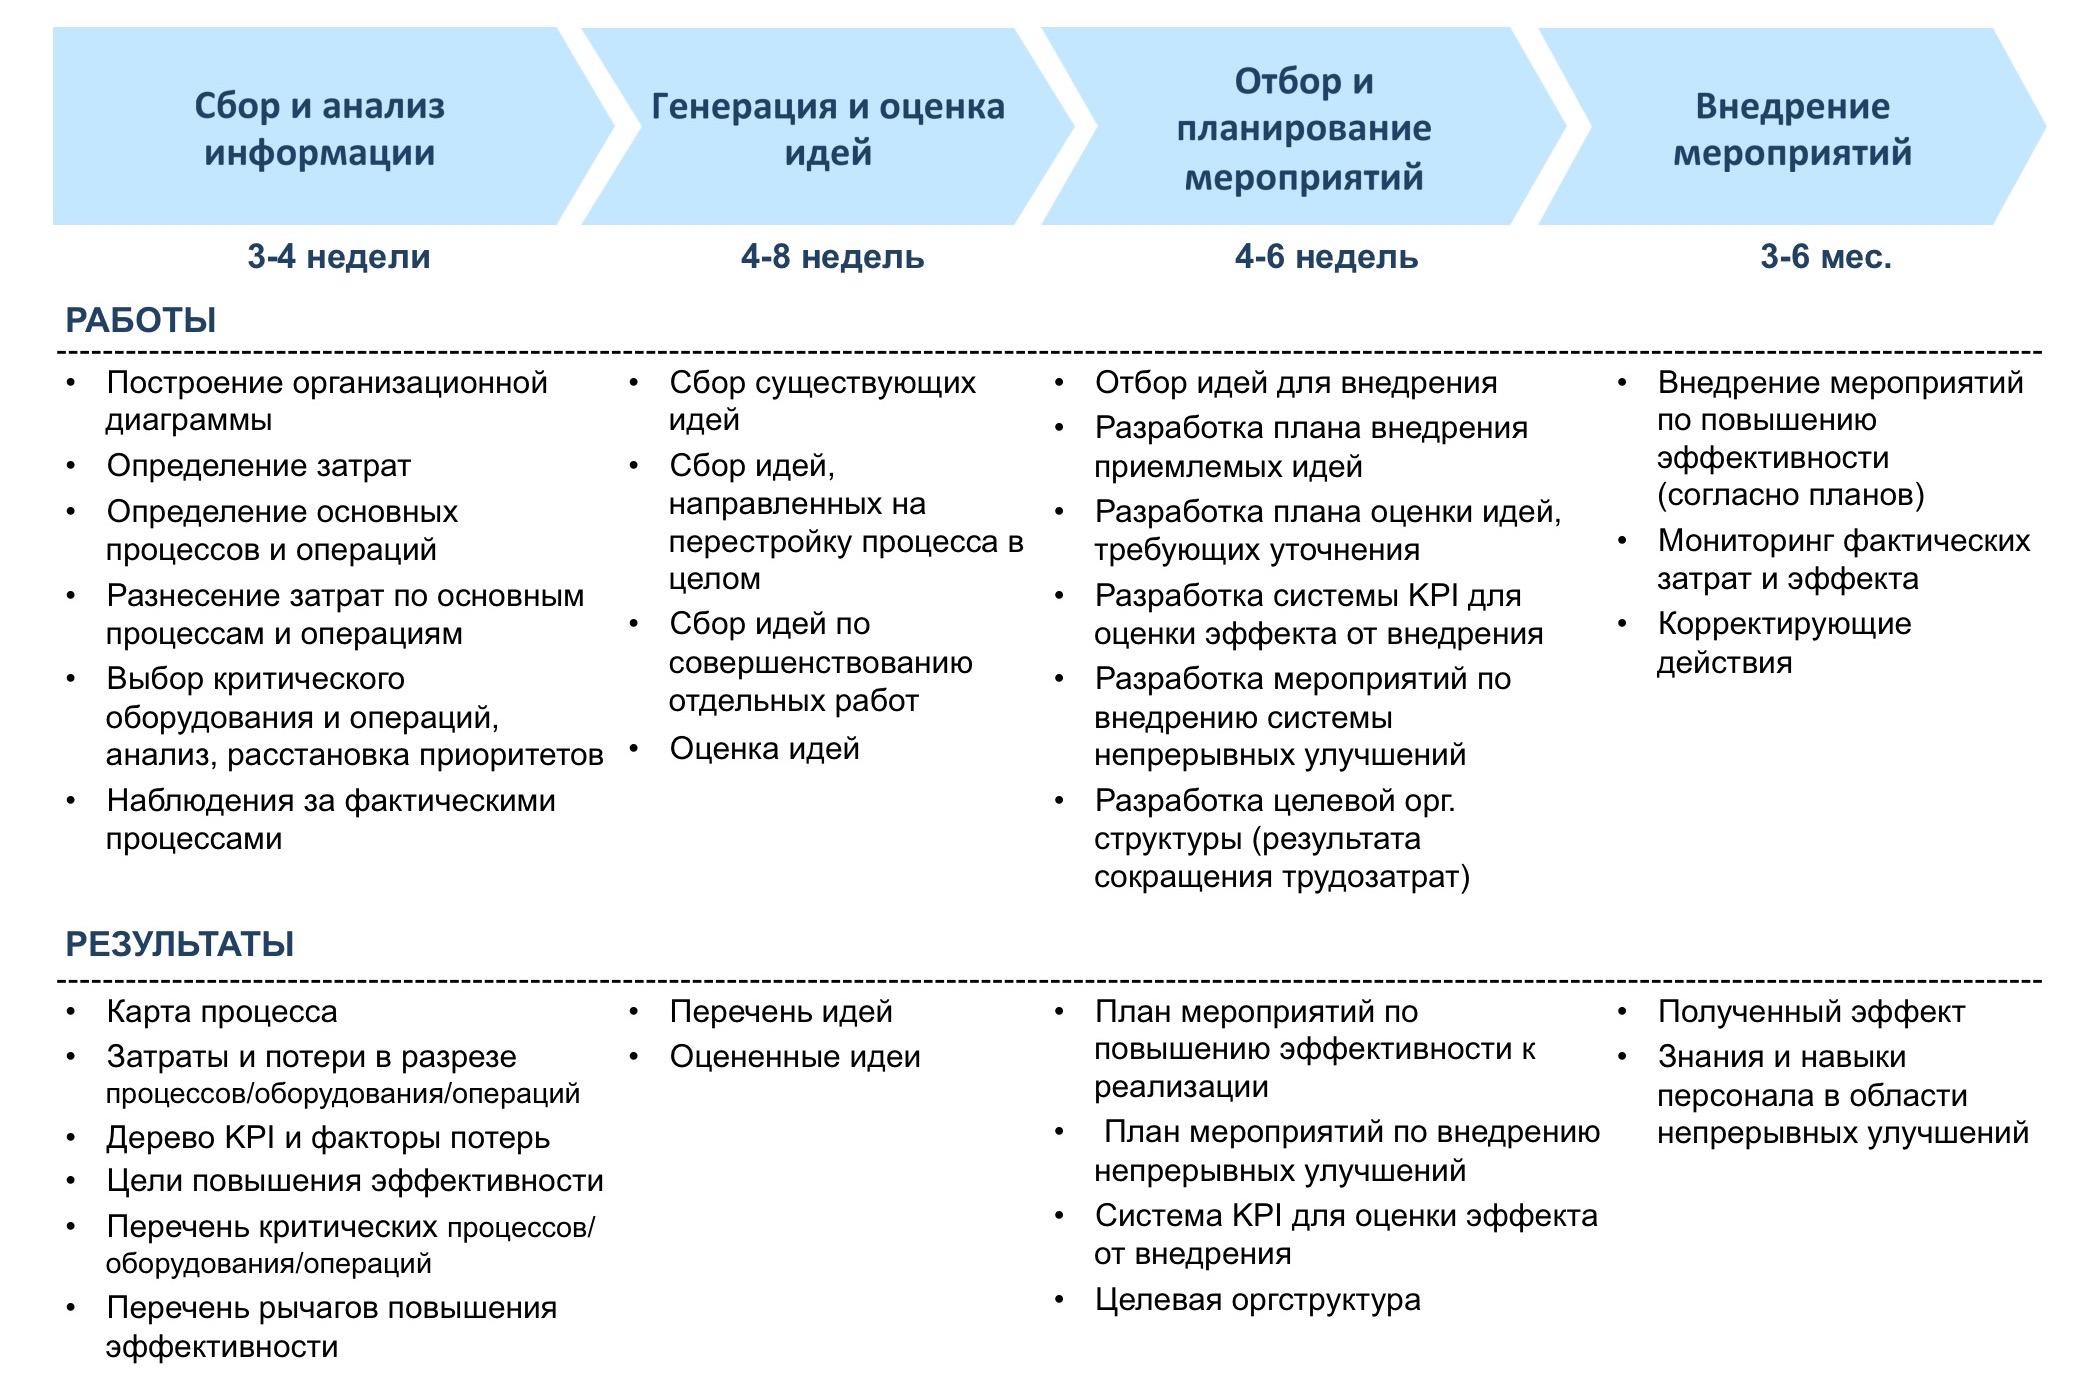 Цикл повышения эффективности подразделения